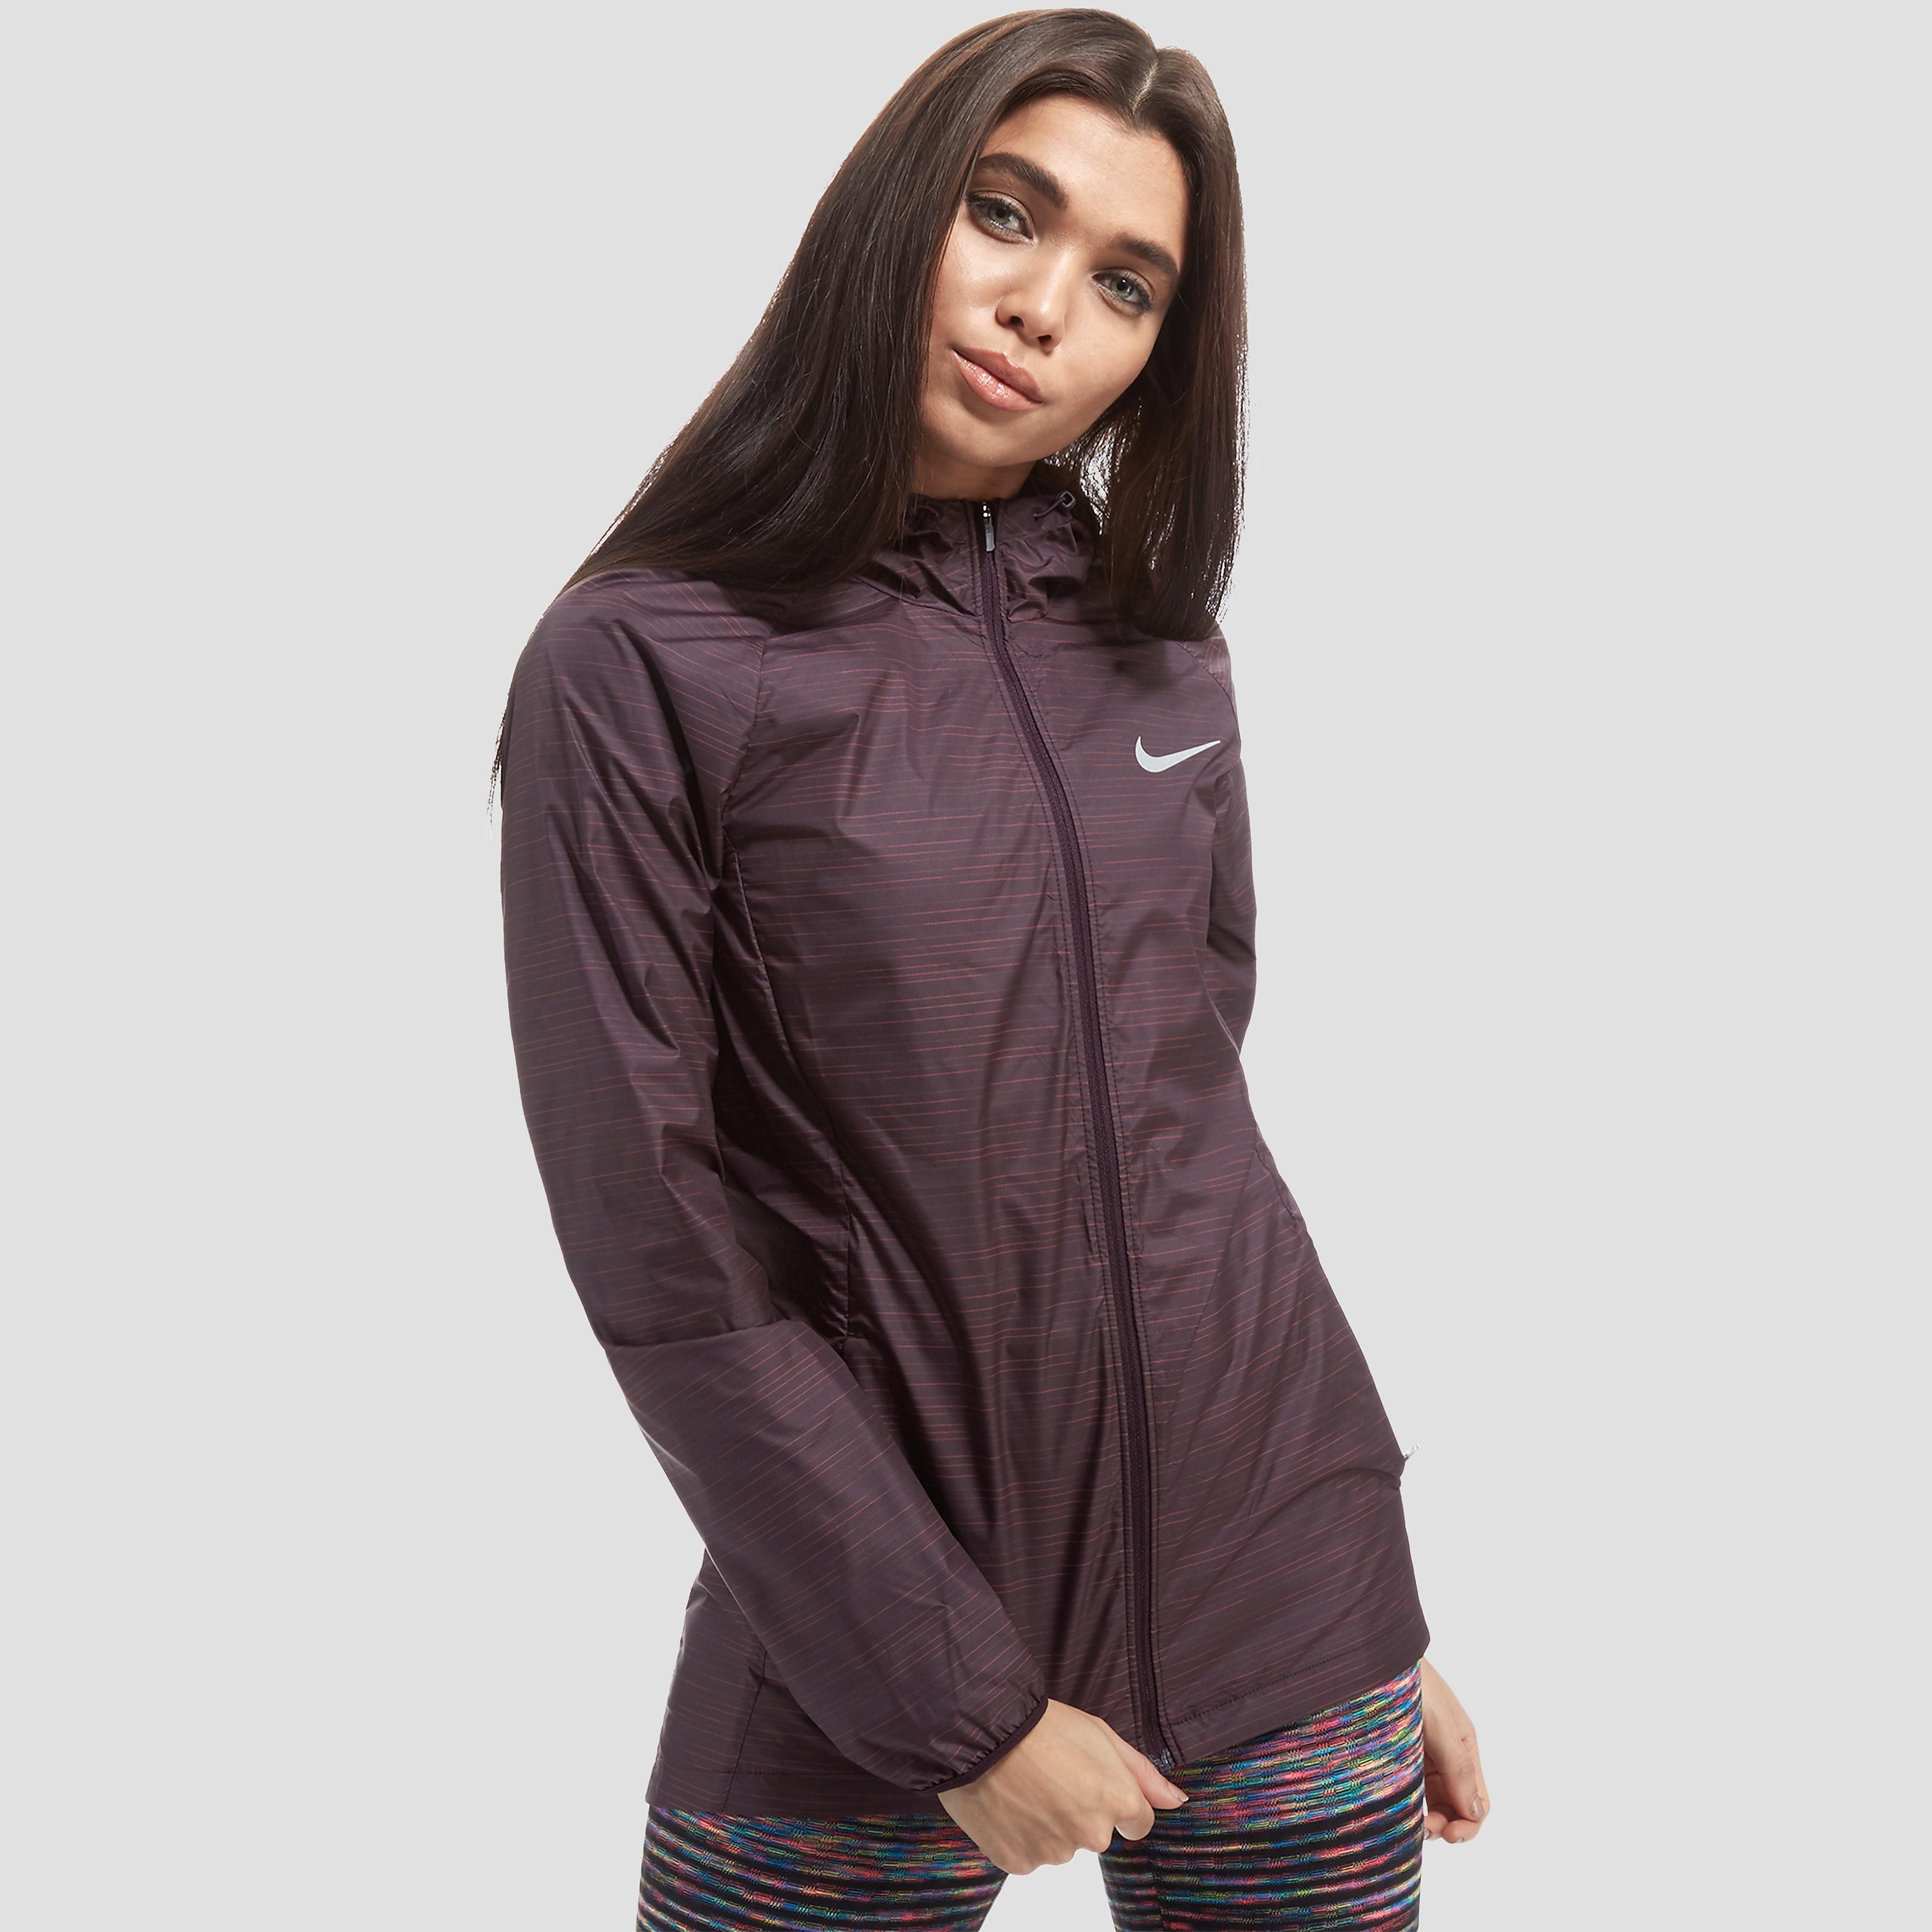 Nike Women's Shield Jacket